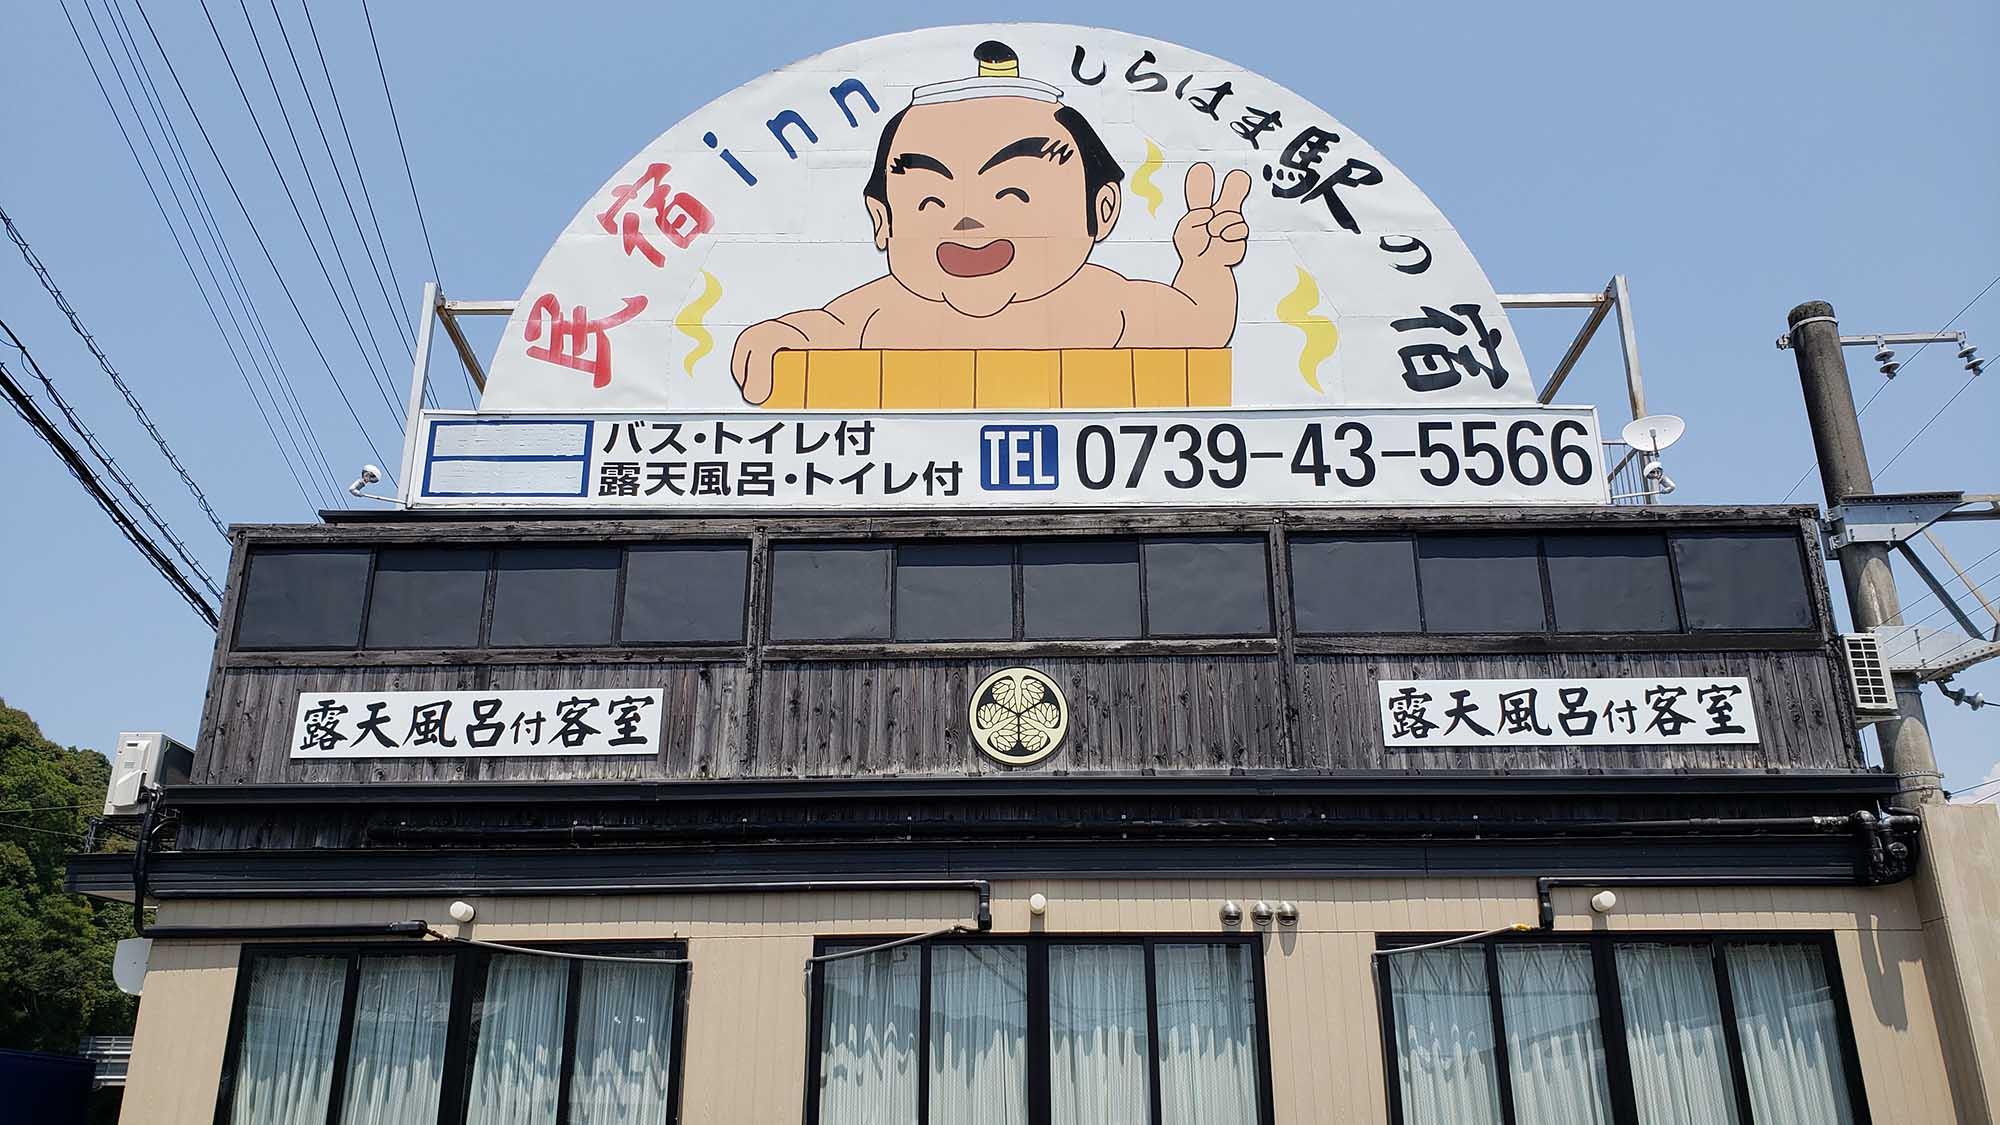 民宿innしらはま 駅の宿...